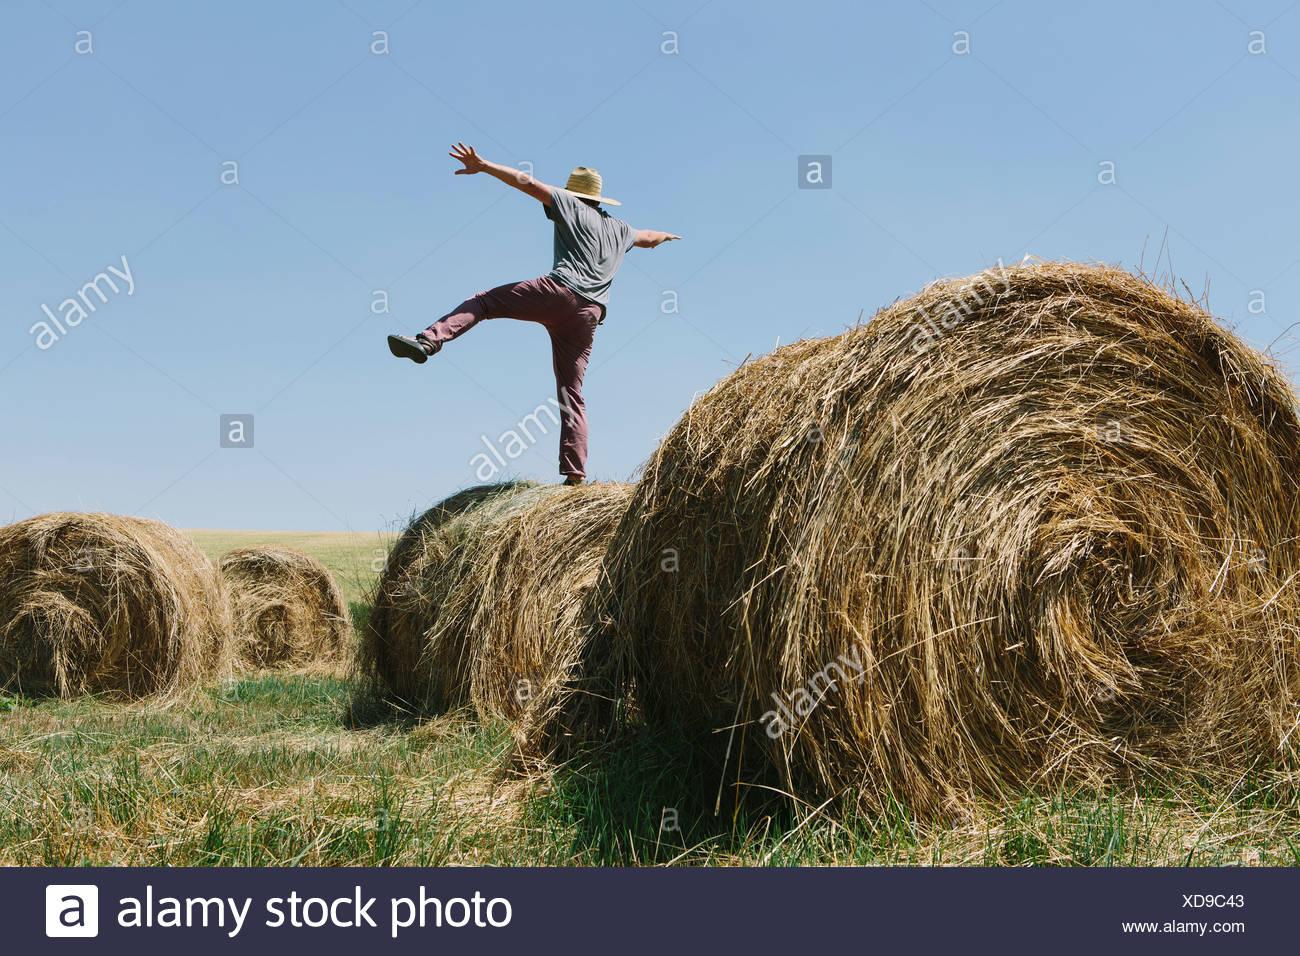 Rückansicht eines Mannes balancieren auf einem Bein auf einem Heuballen. Stockfoto